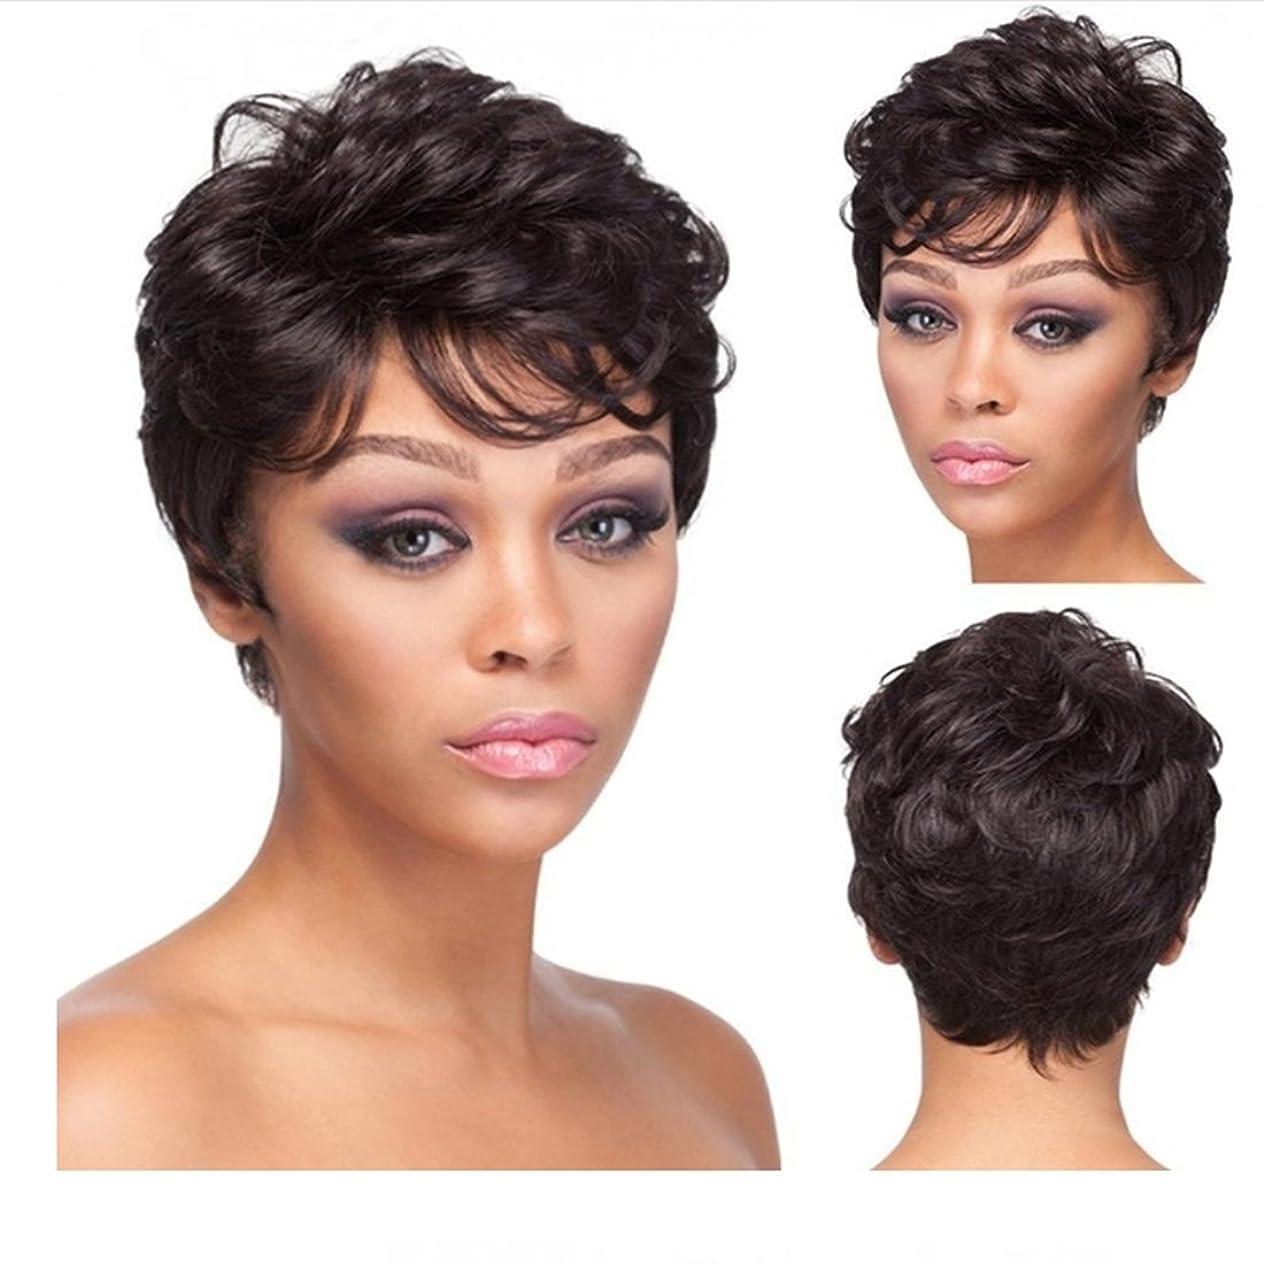 インレイぜいたくタイプライターKoloeplf 女性のための現実的なかつら短くふわふわしたマイクロボリュームのウィッグ斜めのバグスとの日常のかつらのための髪の耐熱ウィッグ20cm / 160g(茶色の黒) (Color : Brownish black)